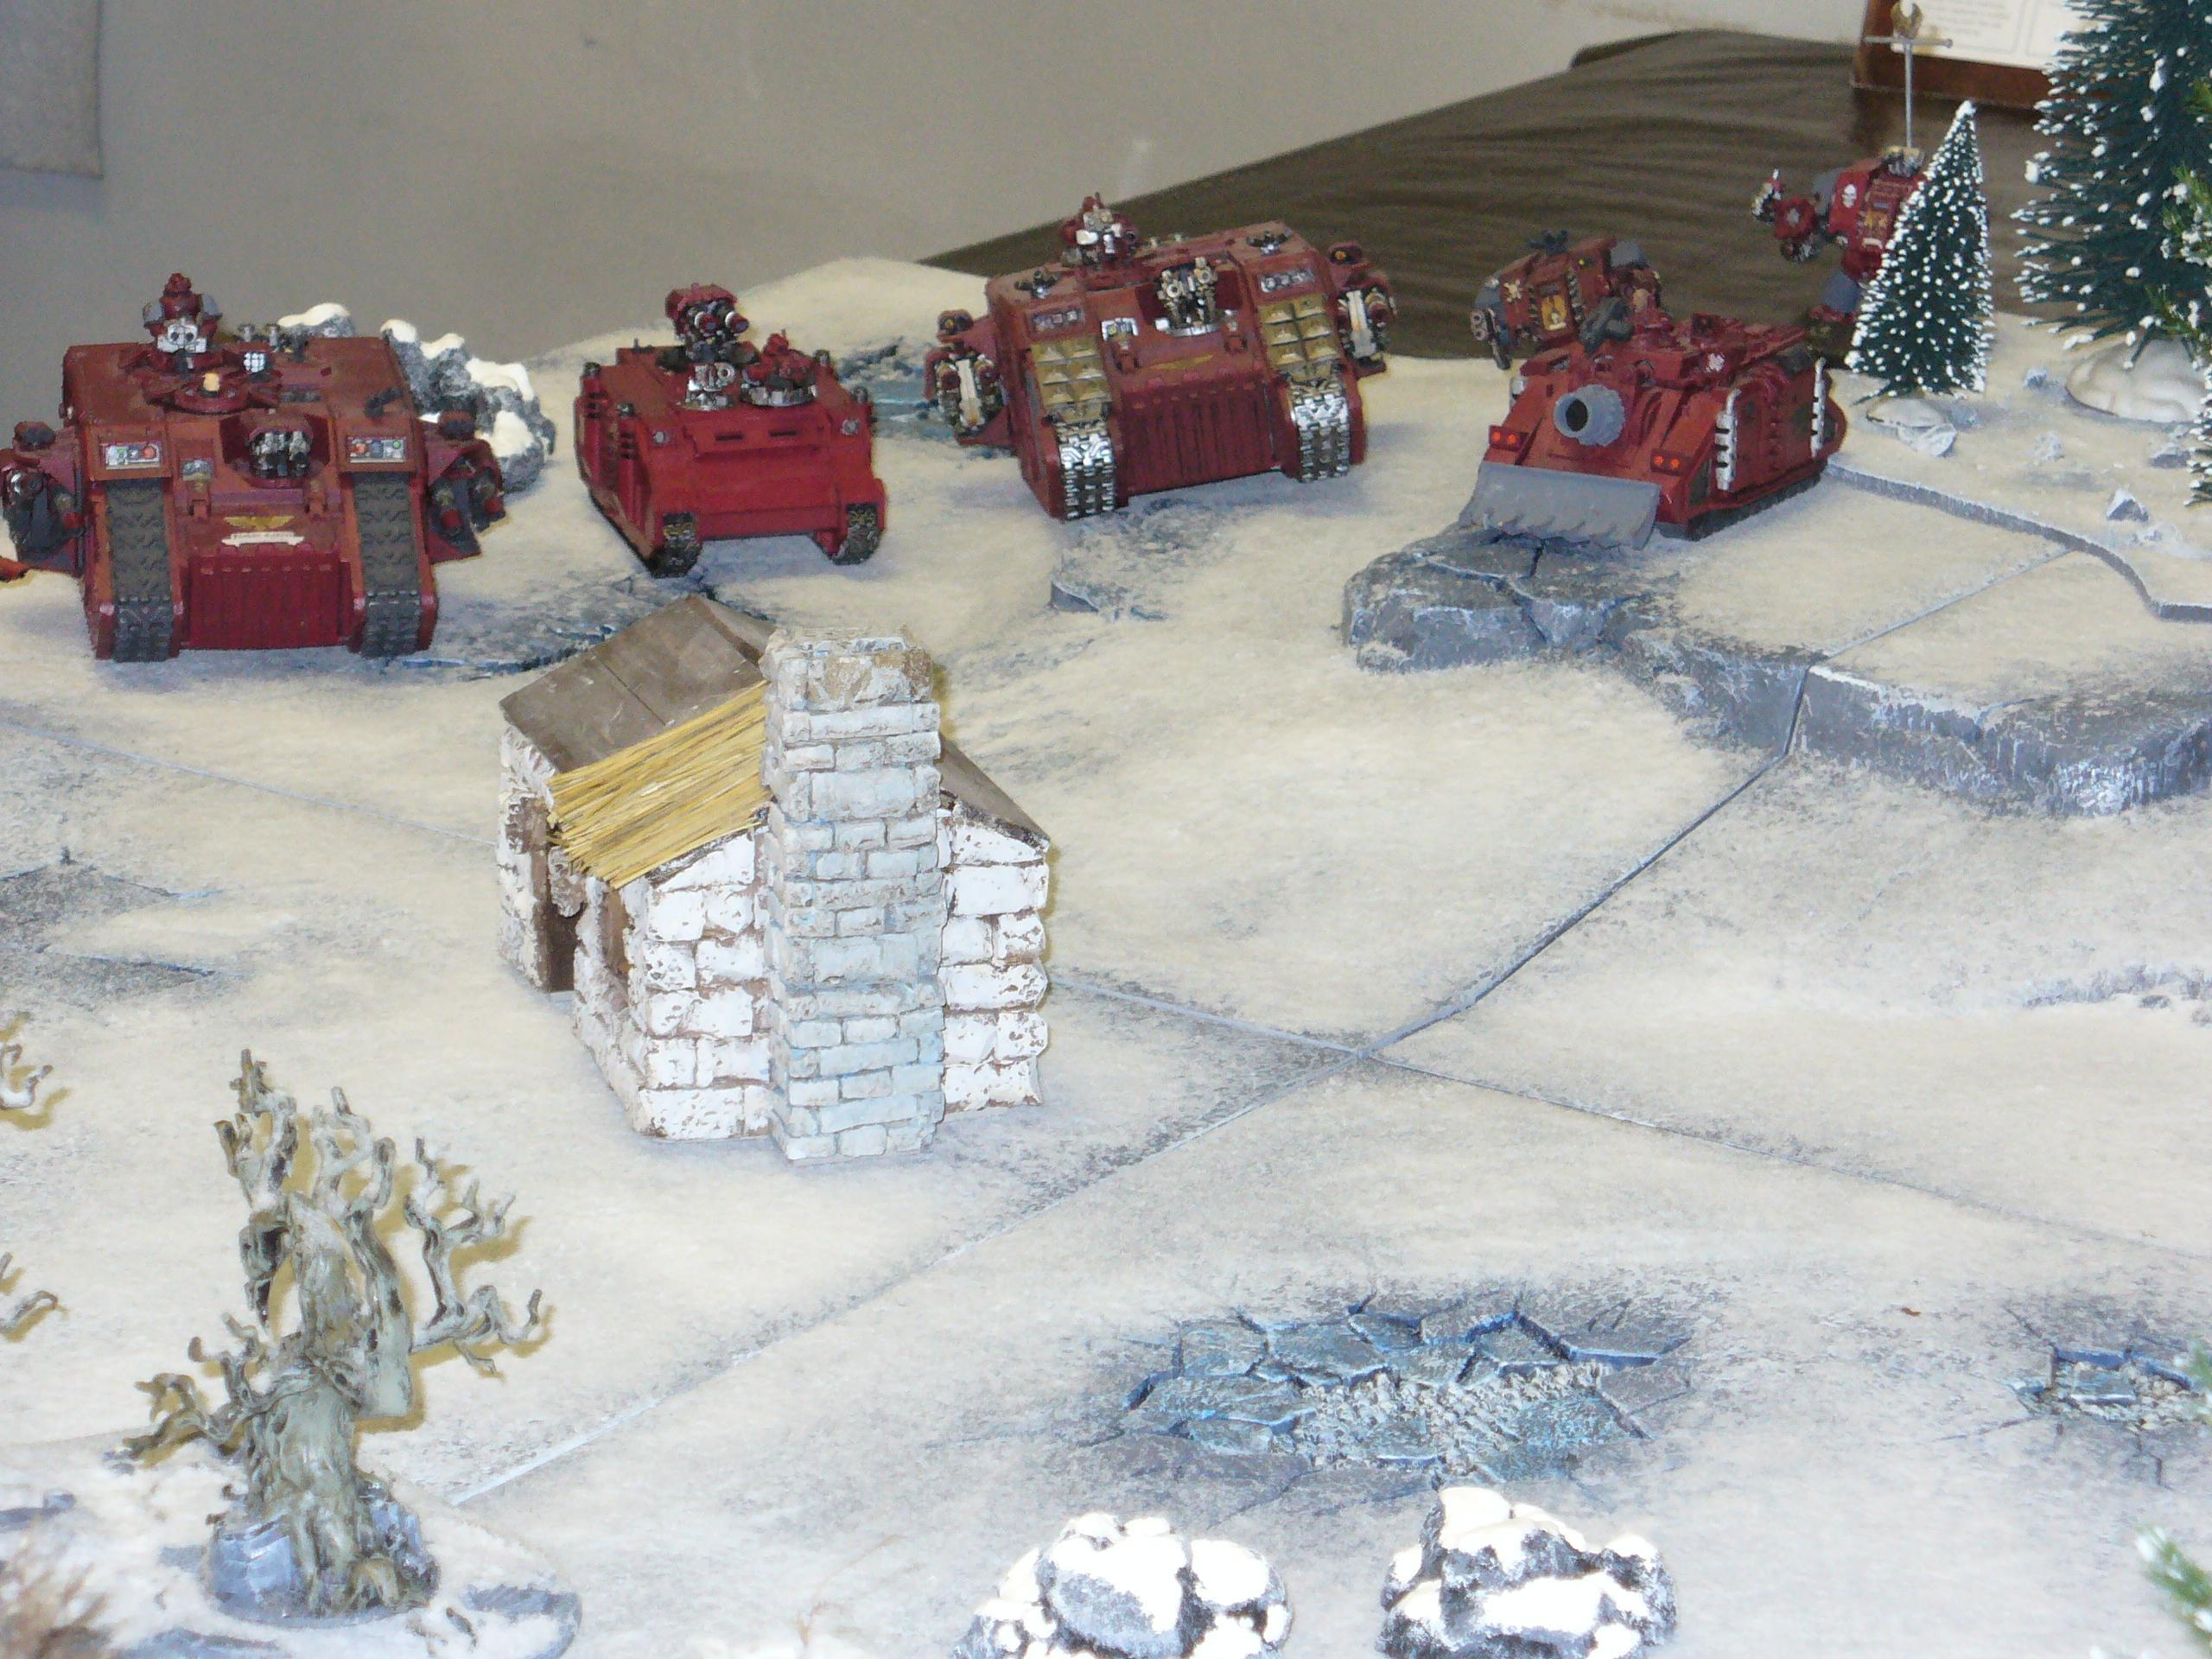 Battle, Land Raider, Snow, Space Marines, Warhammer 40,000